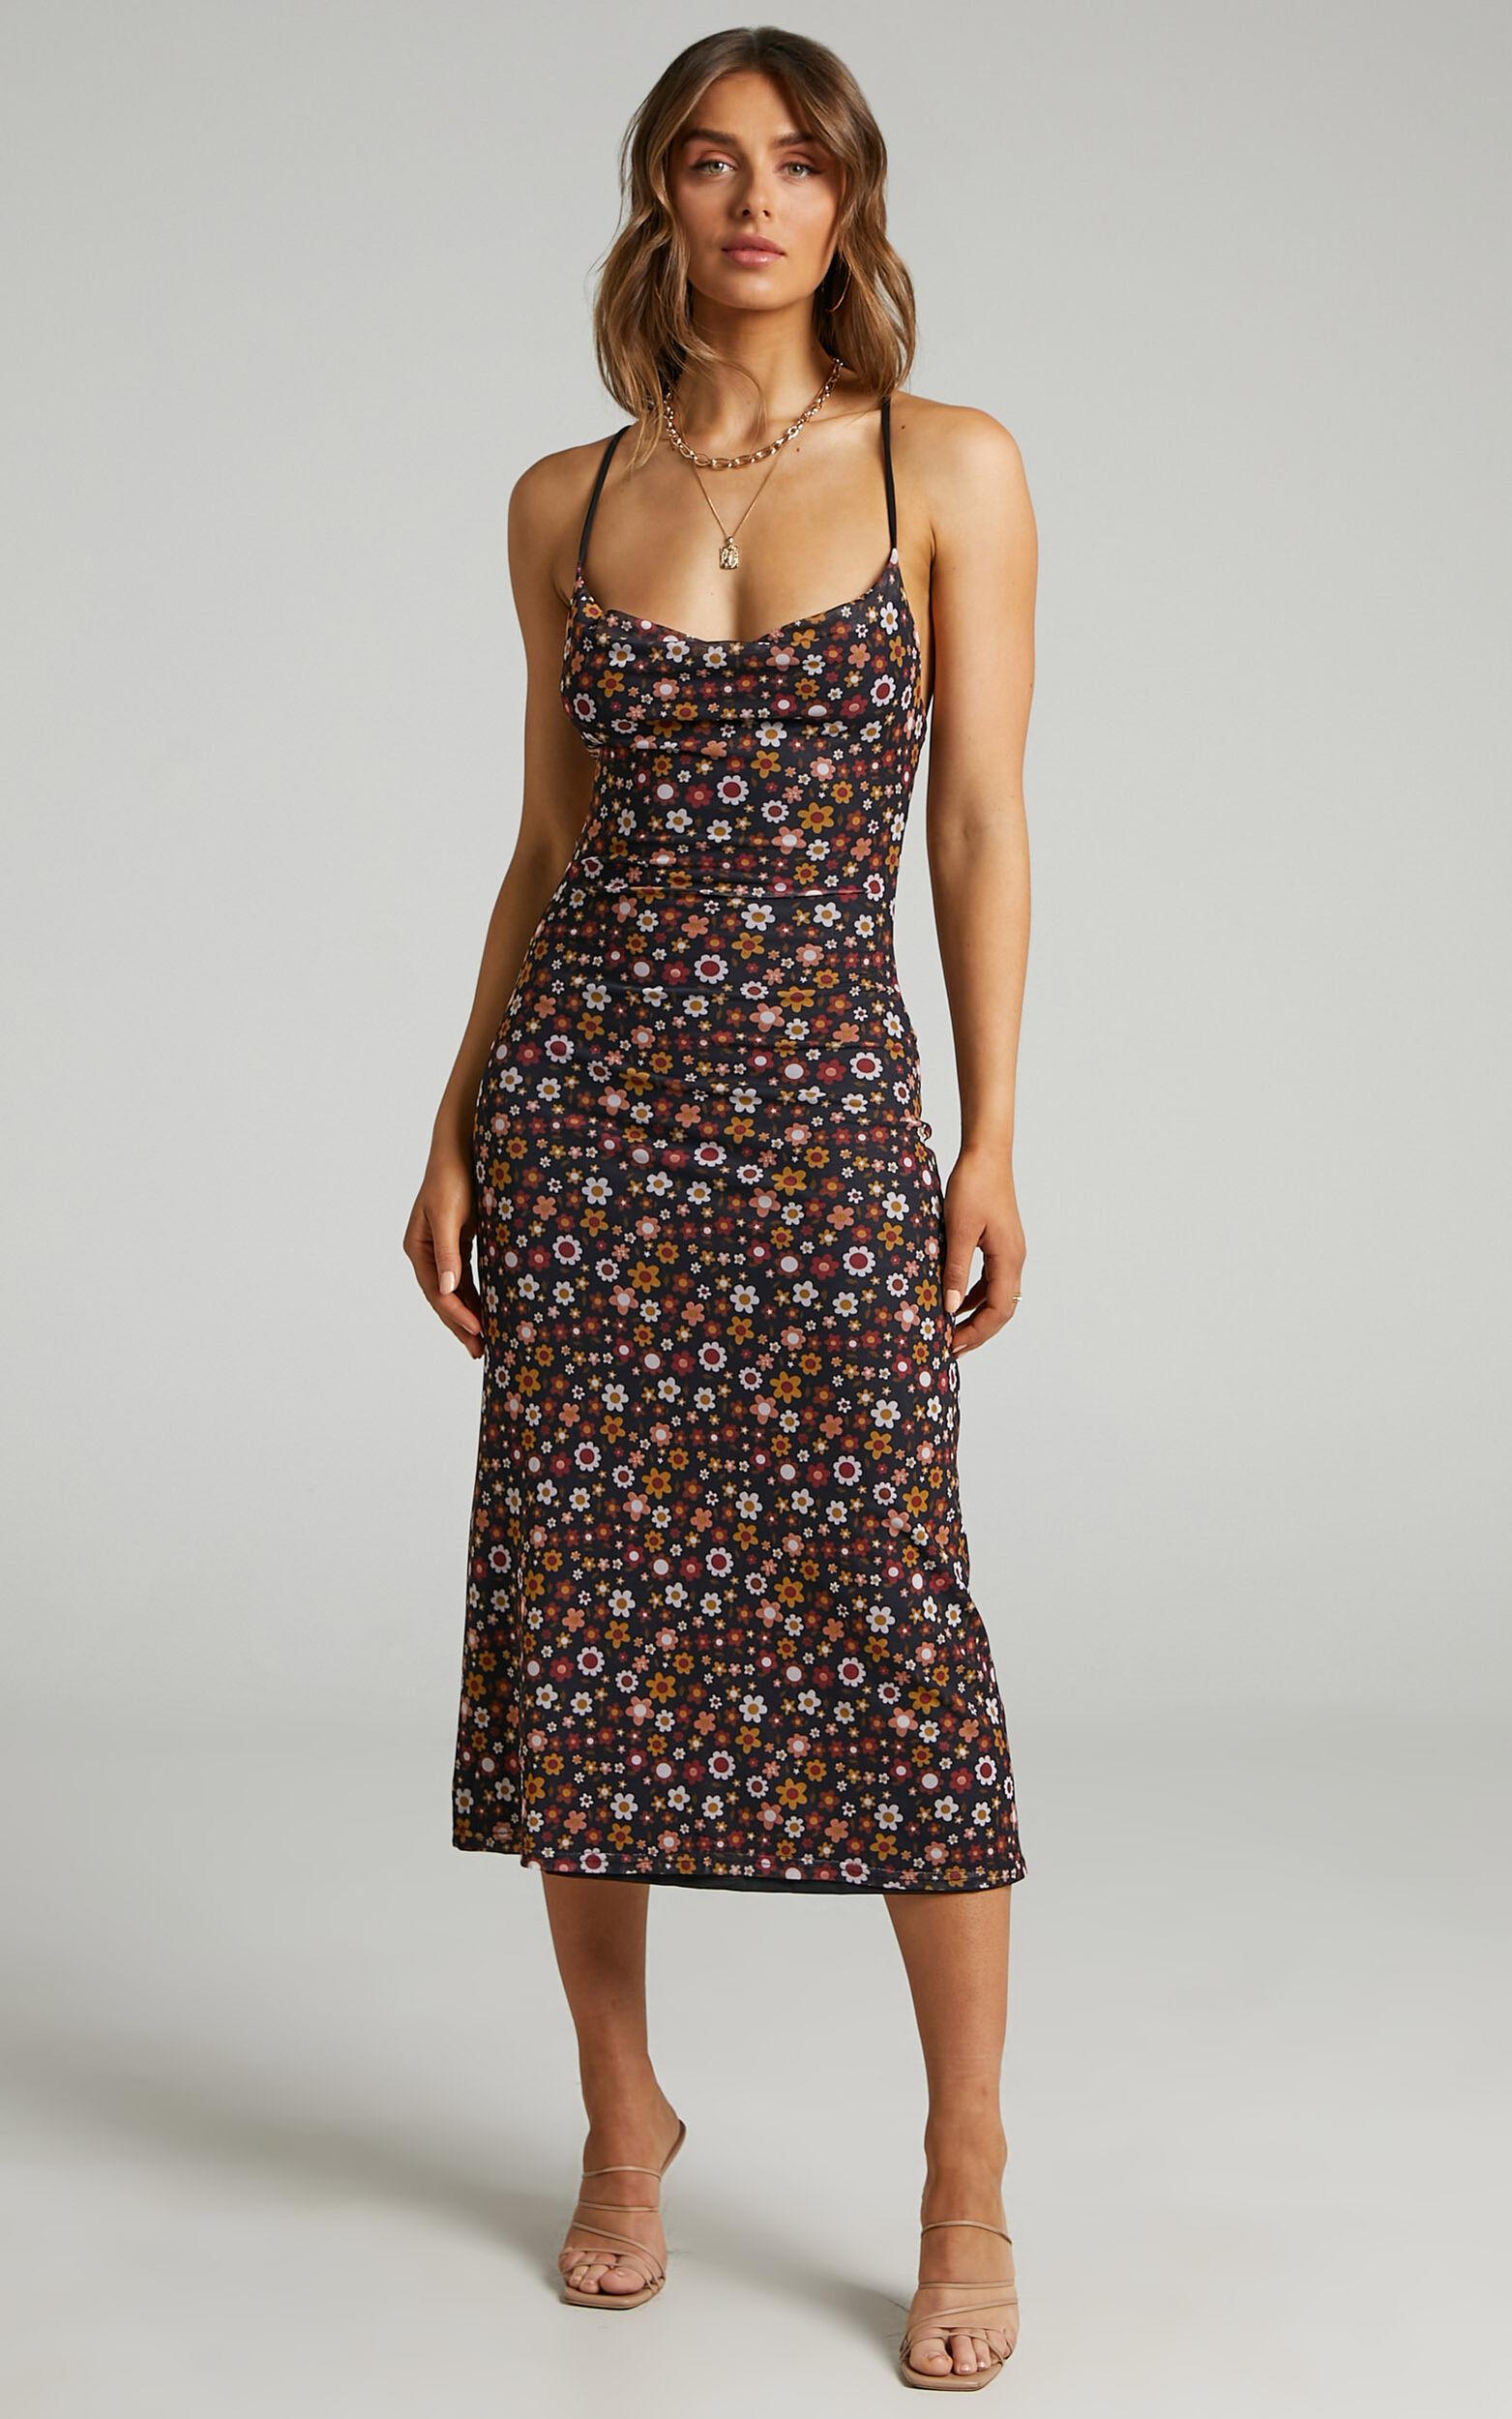 Sandrah Open Back Floral Midi Dress in Black Floral - 06, BLK1, super-hi-res image number null